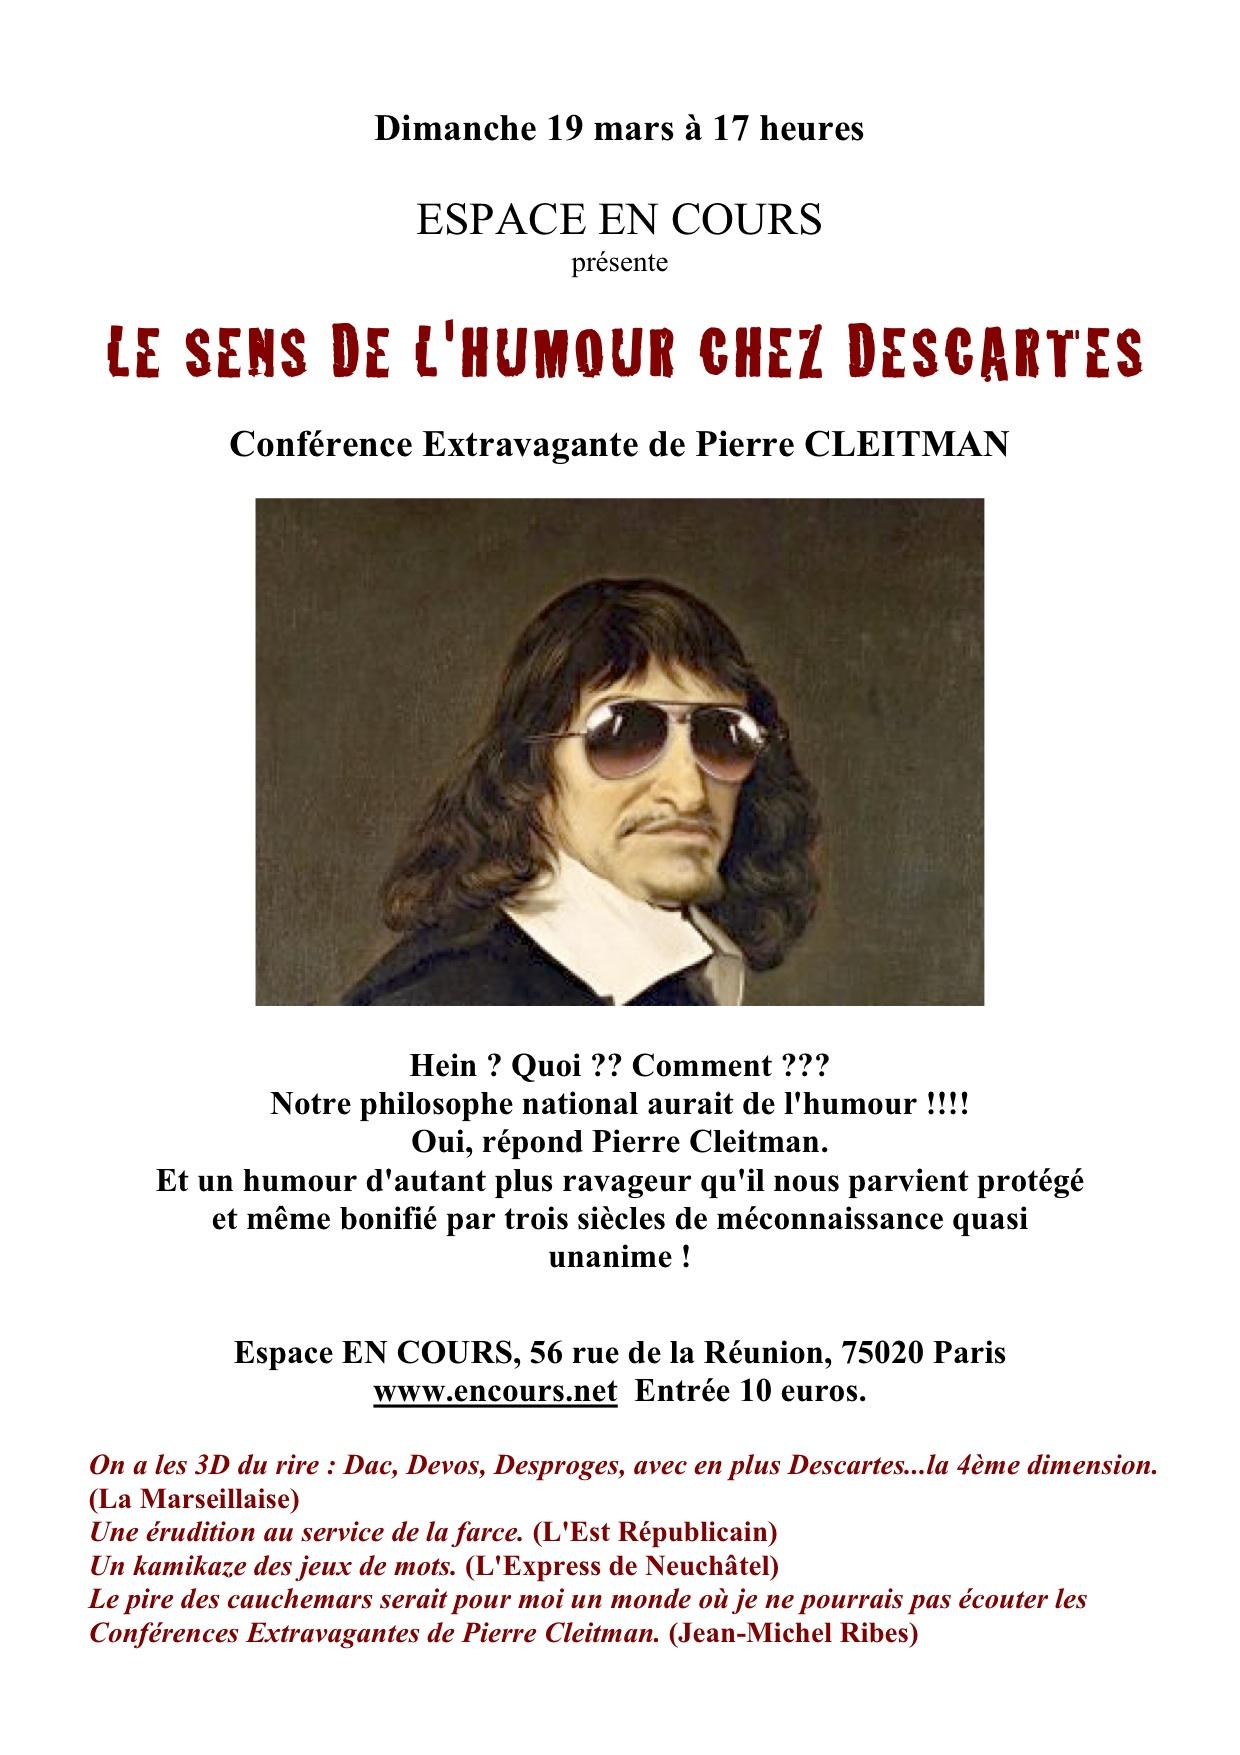 Invitation Descartes 19-03-17